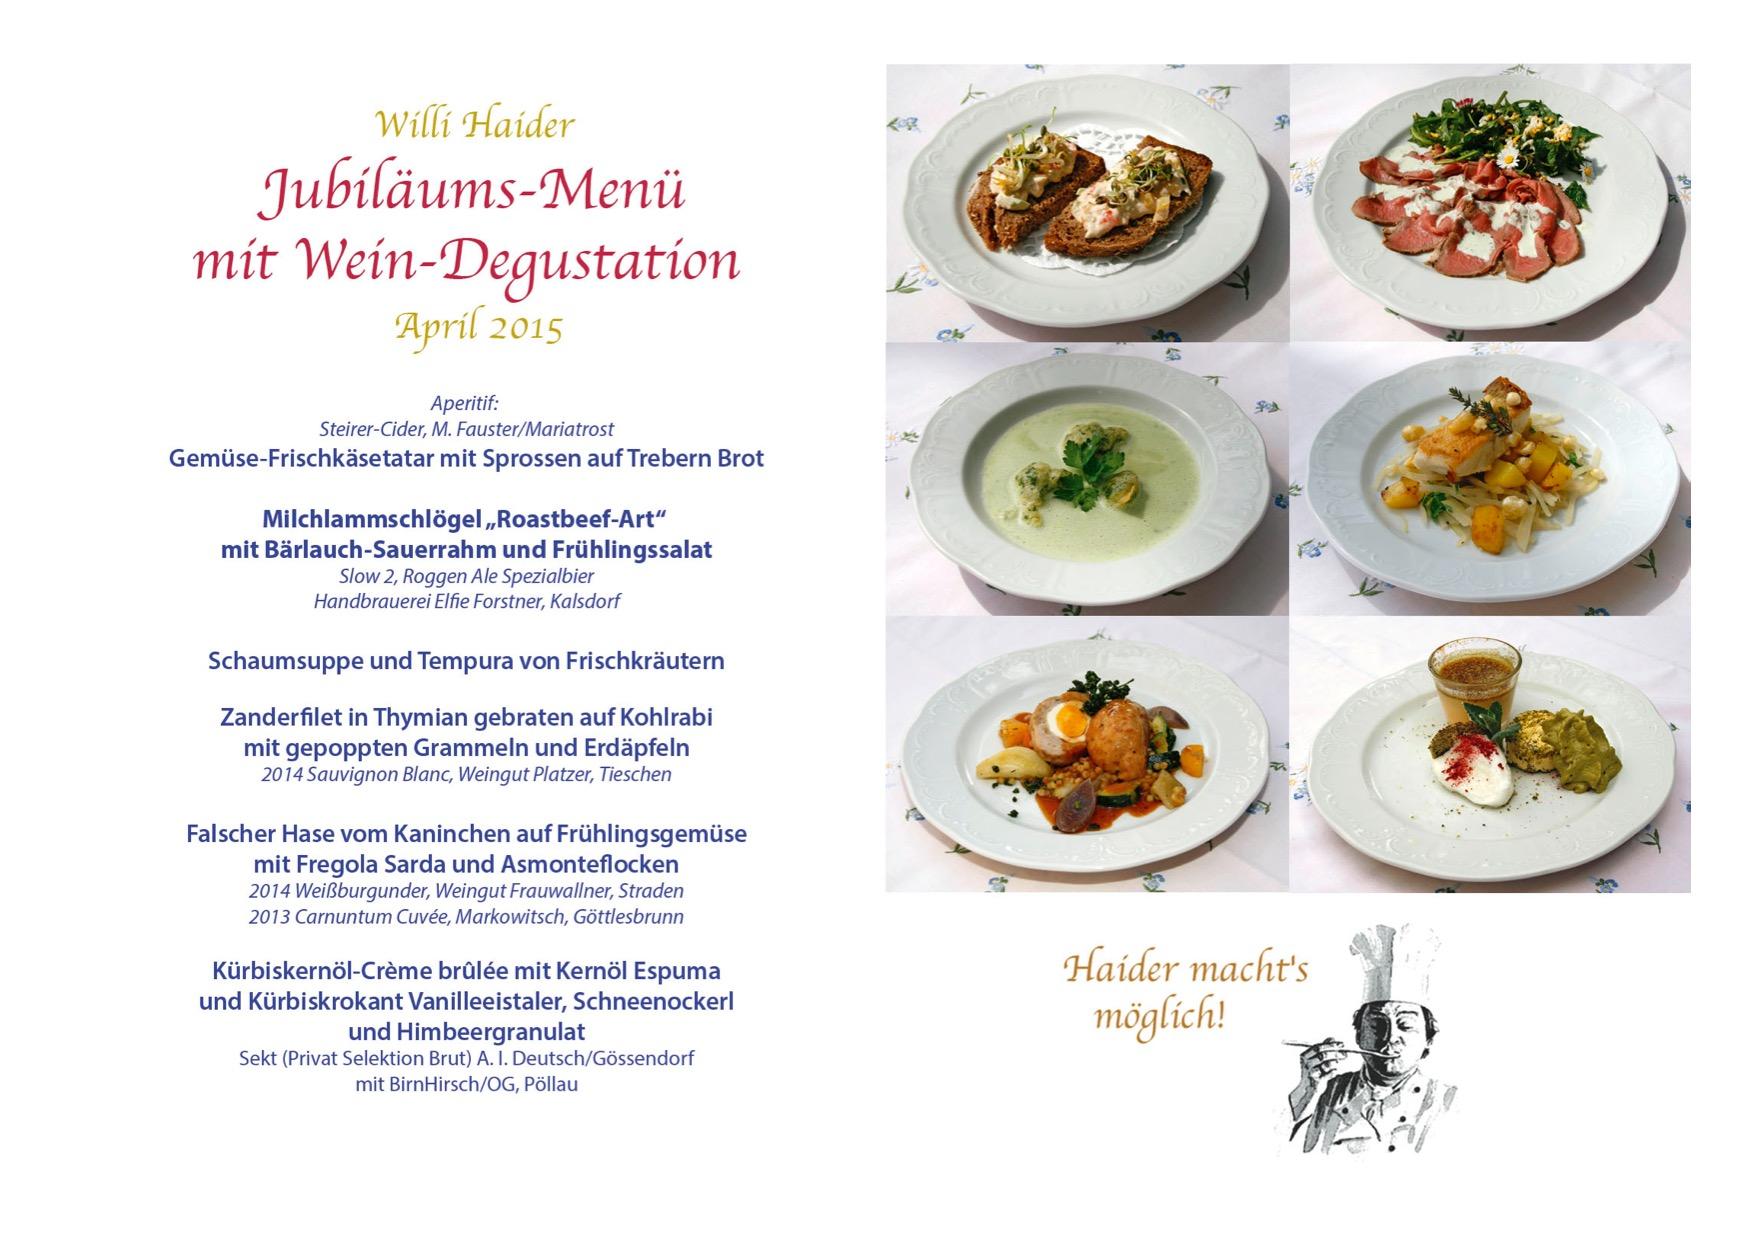 Jubiläums-Menü mit Wein-Degustation